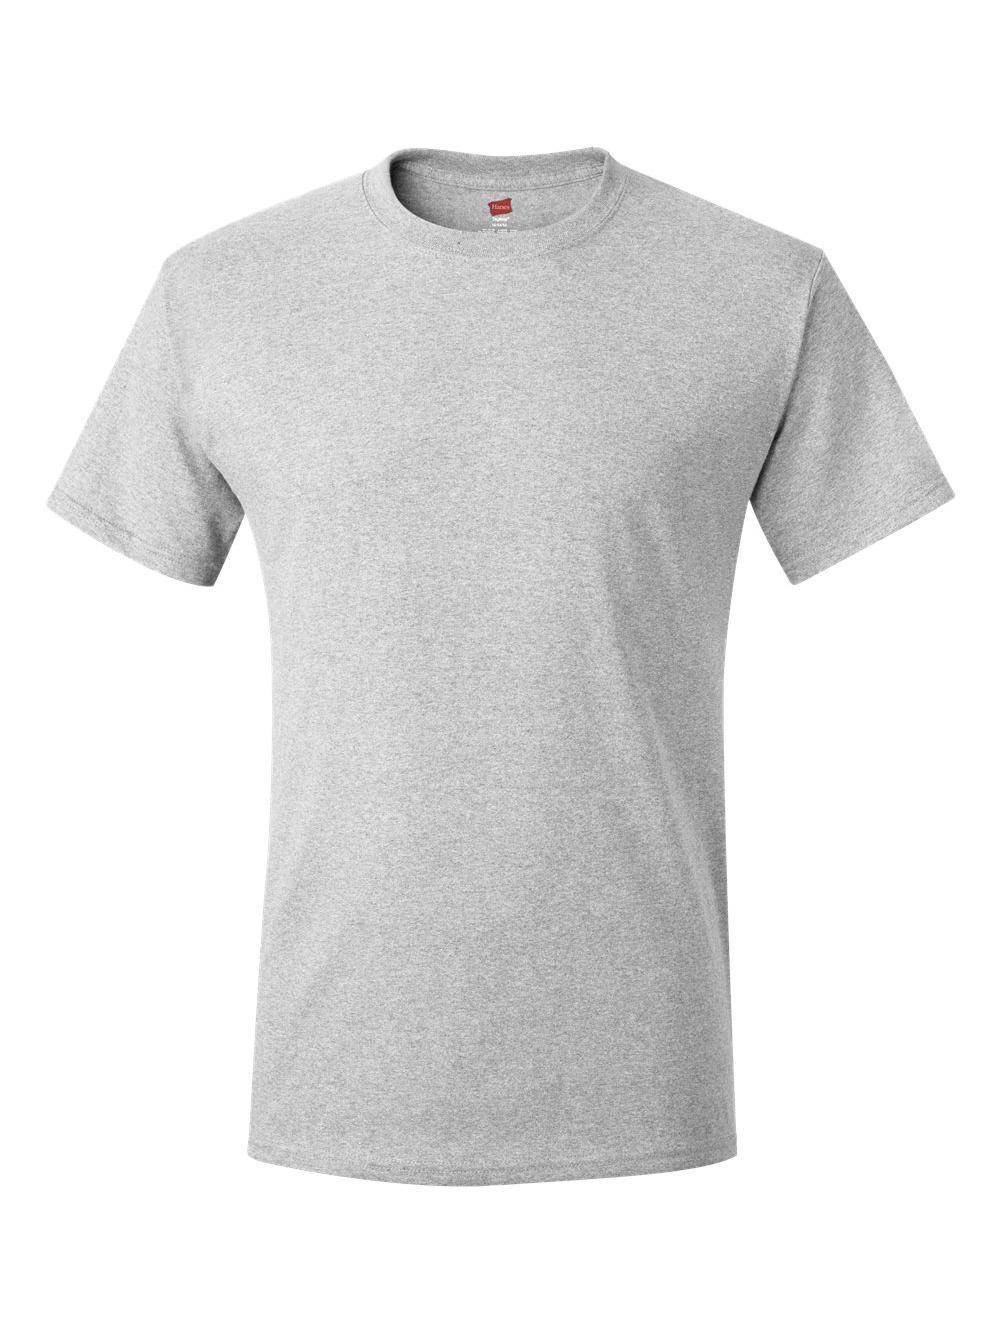 Hanes-Tagless-T-Shirt-5250 thumbnail 3